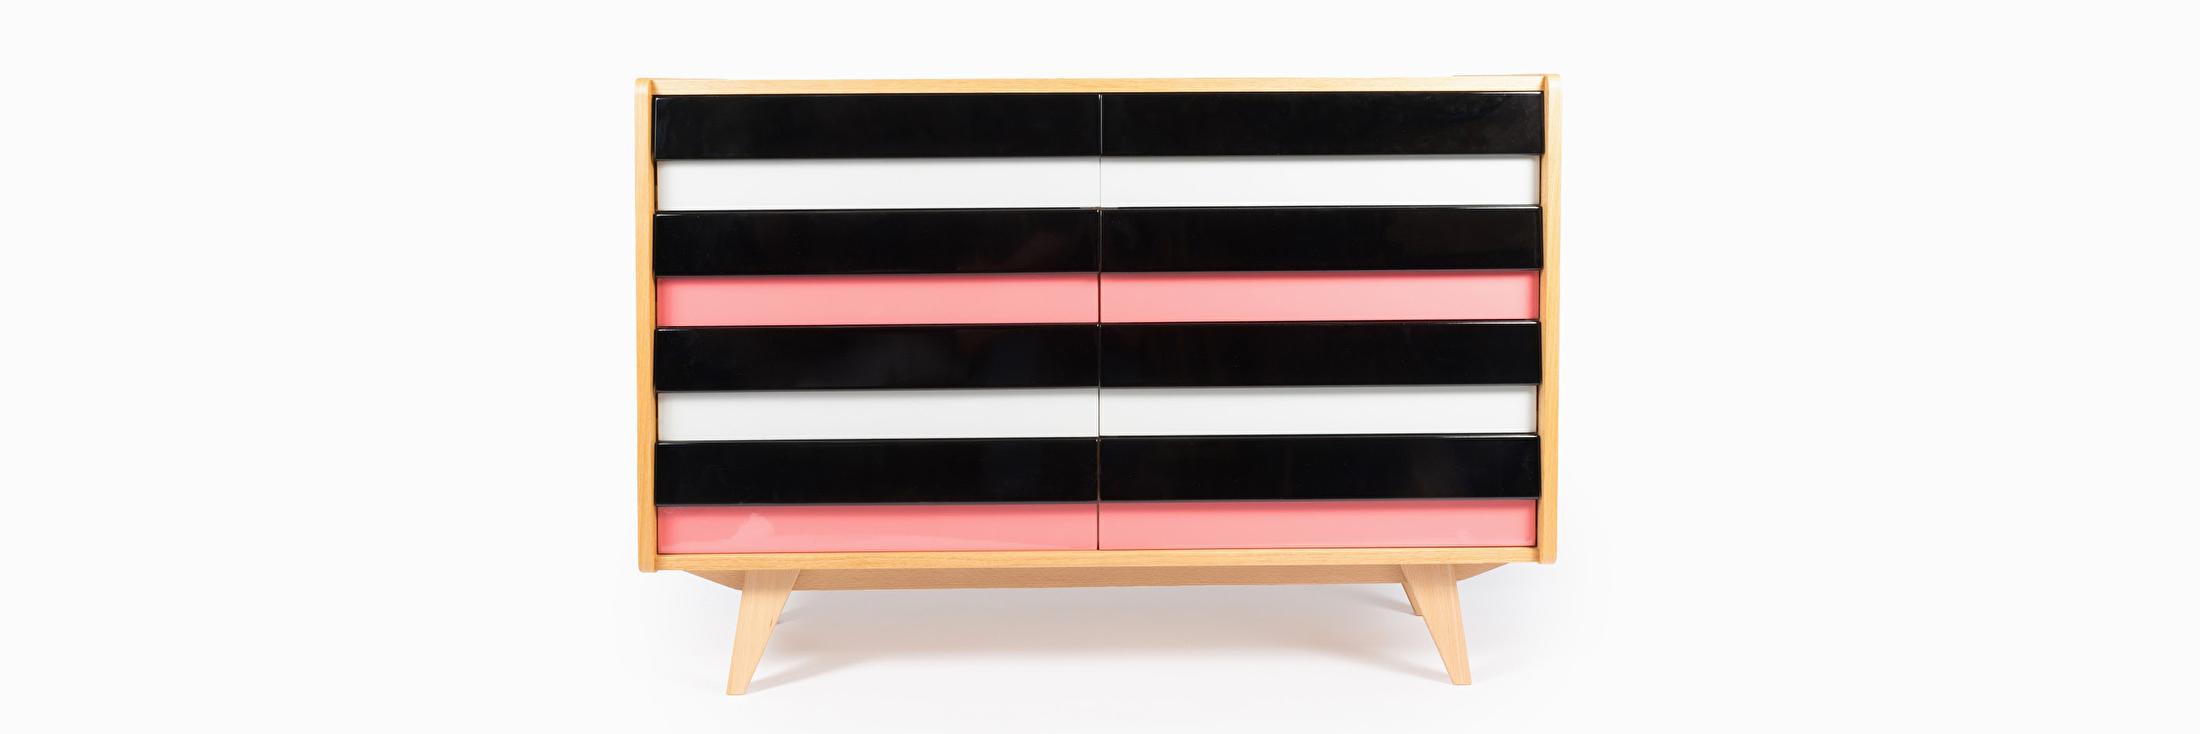 Vintage-Designs-sideboard-dressoir-ladekast-U-450-Jiroutek-Interier-Praha